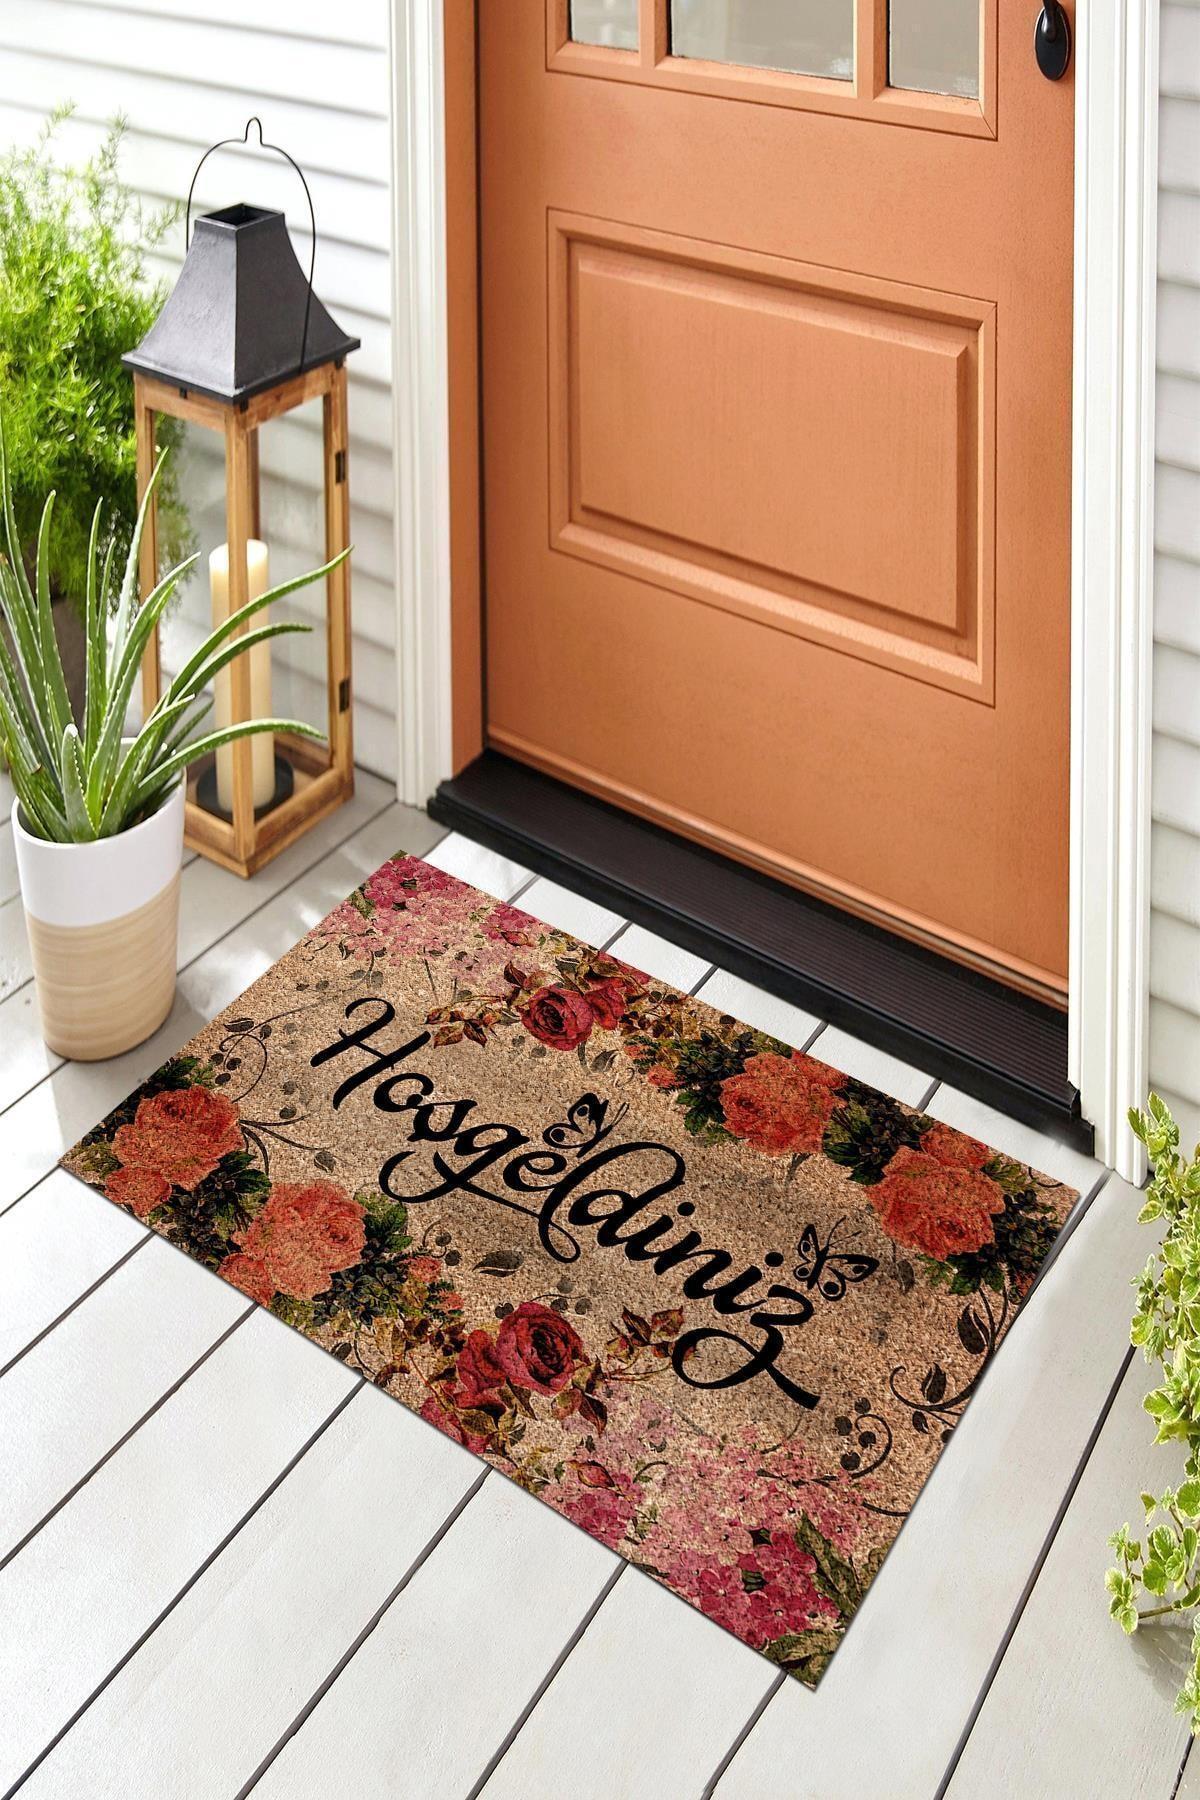 Hoşgeldiniz Sonbahar Dekoratif Kapı Önü Paspası